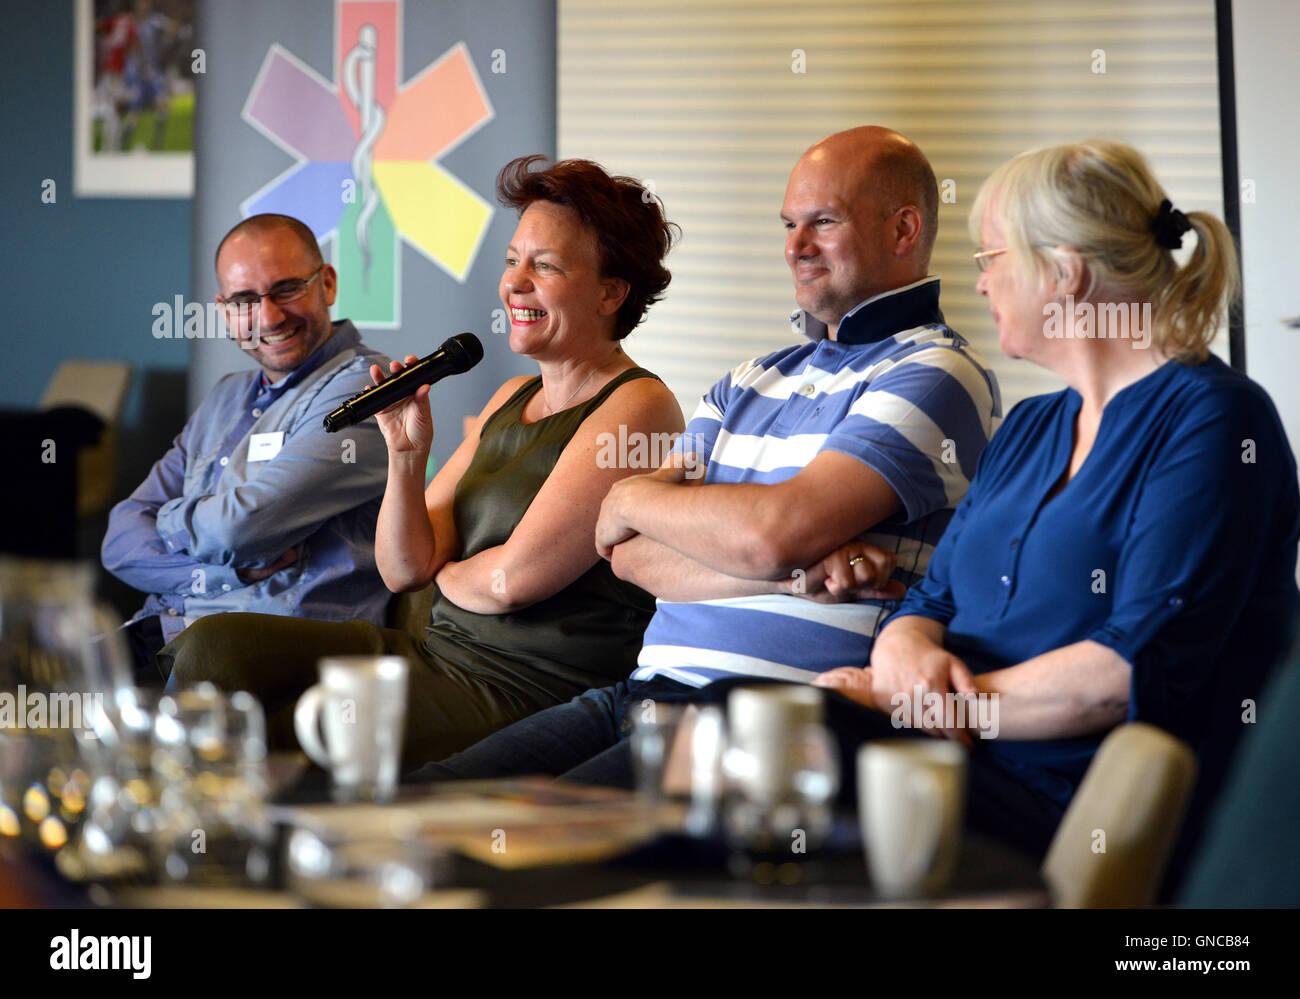 Los oradores en la primera conferencia de ambulancia LGBT, Brighton. Dr Joanna Semlyen hablando Foto de stock